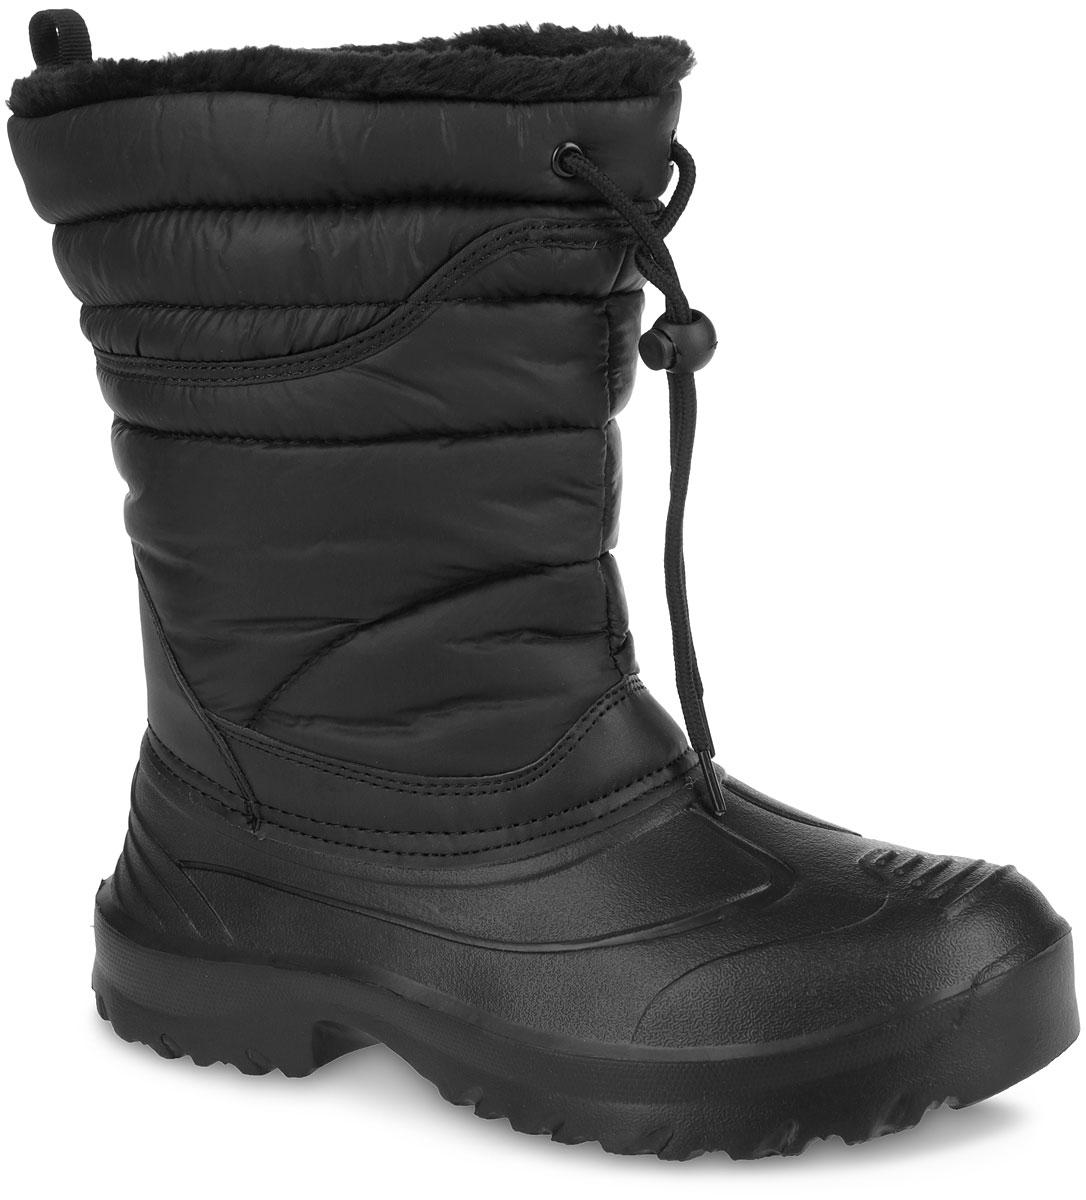 Сапоги мужские. 259-06259-06Зимние сапоги Nobbaro займут достойное место в коллекции вашей обуви. Модель выполнена в нижней части из высококачественной резины, а голенище - из водоотталкивающего текстиля, обладающего высокими износостойкими свойствами и дополненного вставками из искусственной кожи. Верх изделия дополнен шнурком, который надежно фиксирует модель на ноге и регулирует объем. Подкладка из искусственного меха и текстиля согреет ваши ноги в холод. Стелька из текстиля обеспечит комфорт и уют. Уплотненная вставка в области пятки и на мысе защитит детскую стопу от ударов при ходьбе. Подошва с протектором гарантирует идеальное сцепление на любой поверхности. Стильные сапоги займут достойное место в вашем гардеробе.